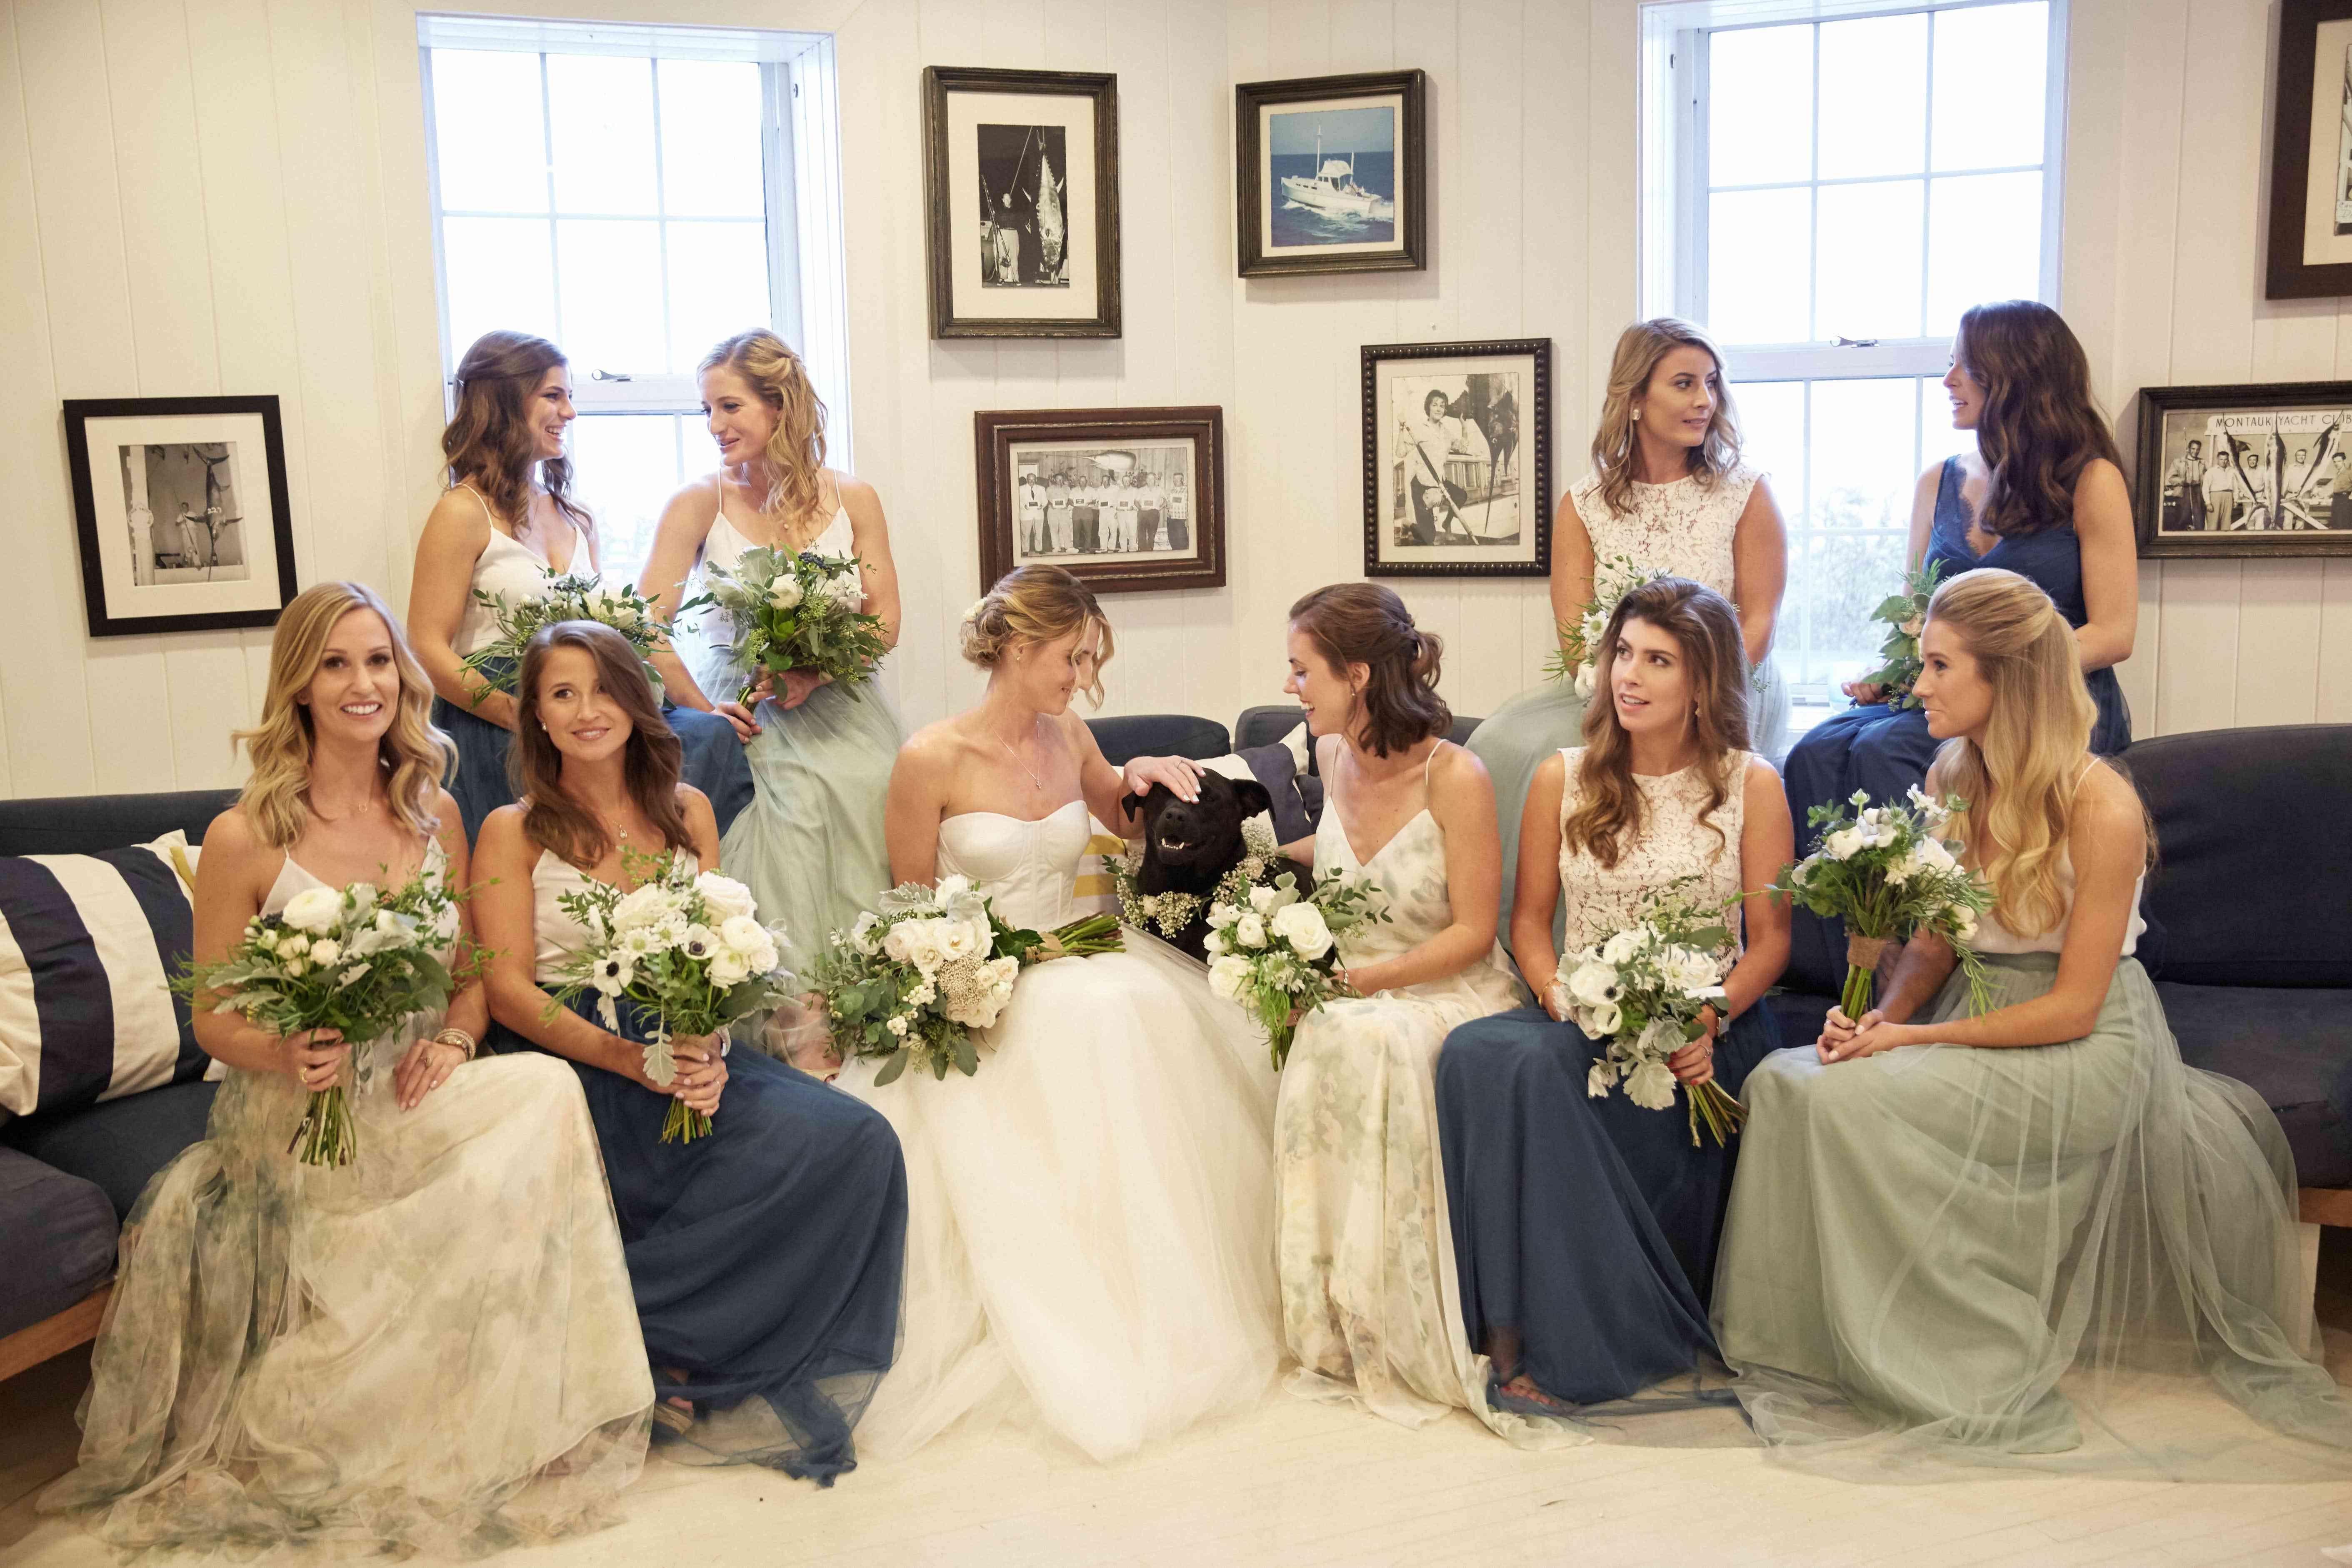 <p>Bridal Party</p><br><br>